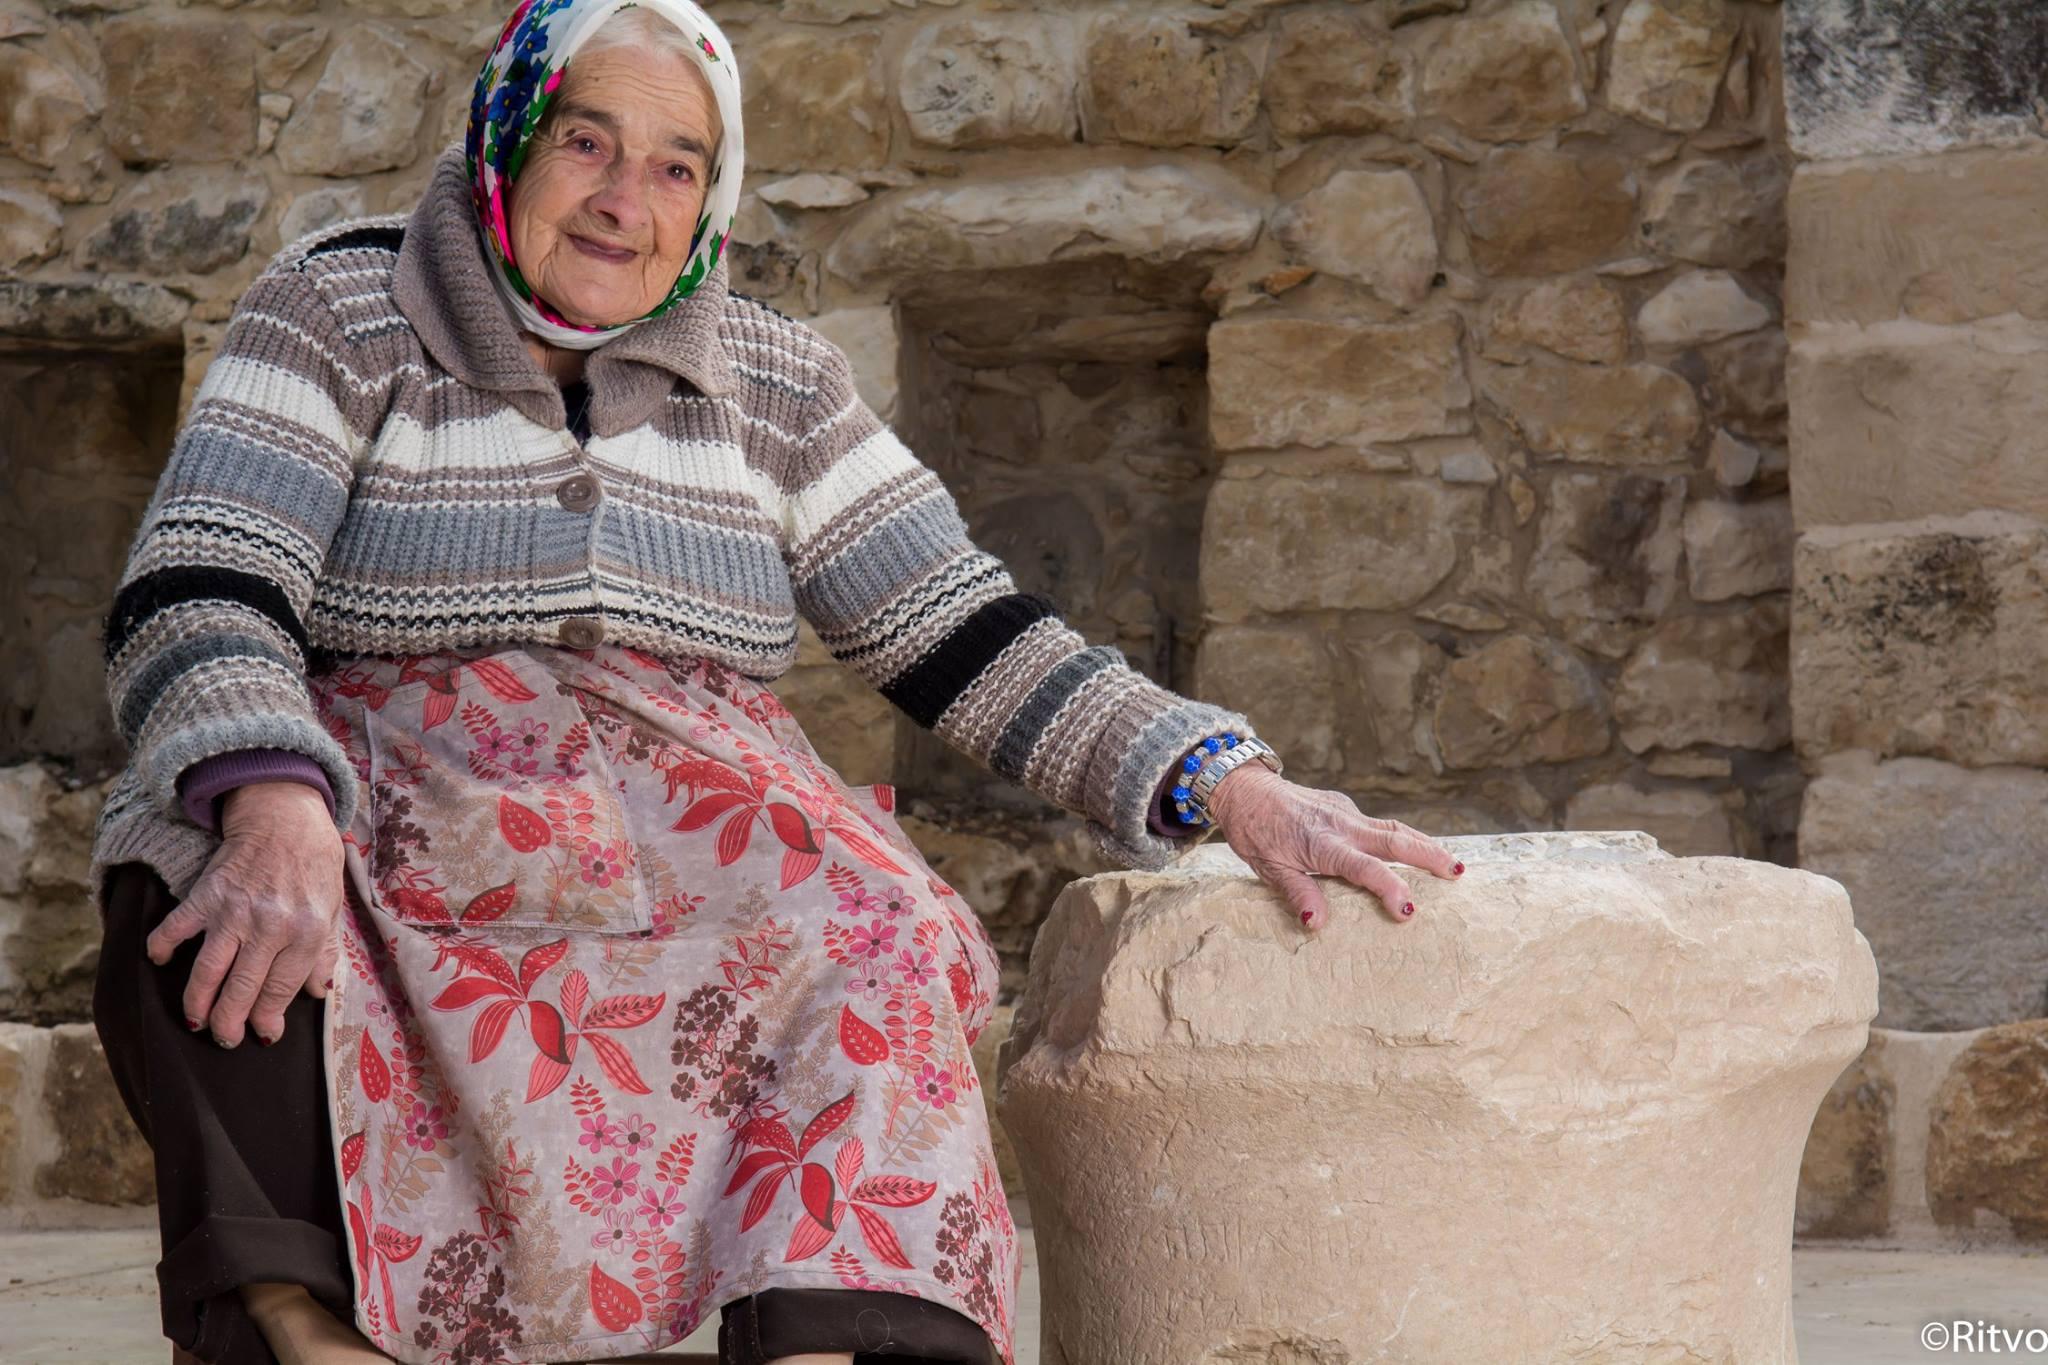 מרגלית זינאתי ליד האבן עם הכתובות שהתגלתה לאחרונה. צילום: Ritvo, באדיבות בית זינאתי